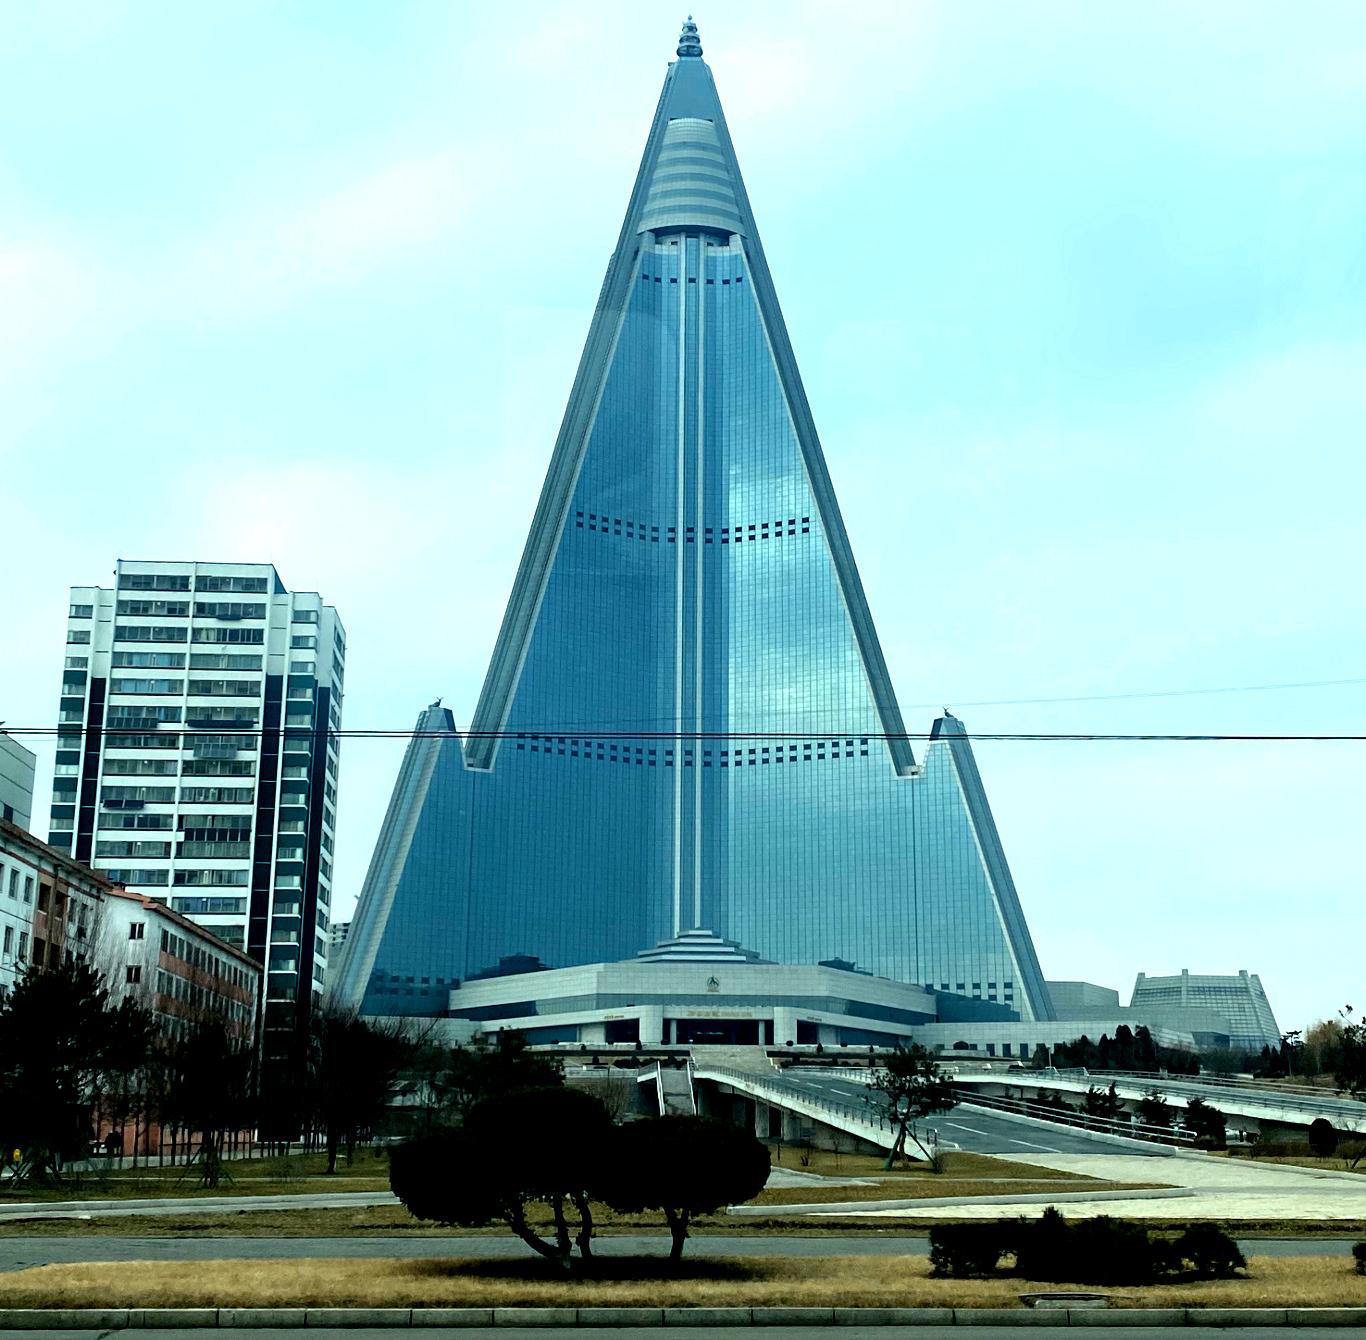 Image de l'hôtel Ryugyong en 2020. Voyage organisé par KTG Tours